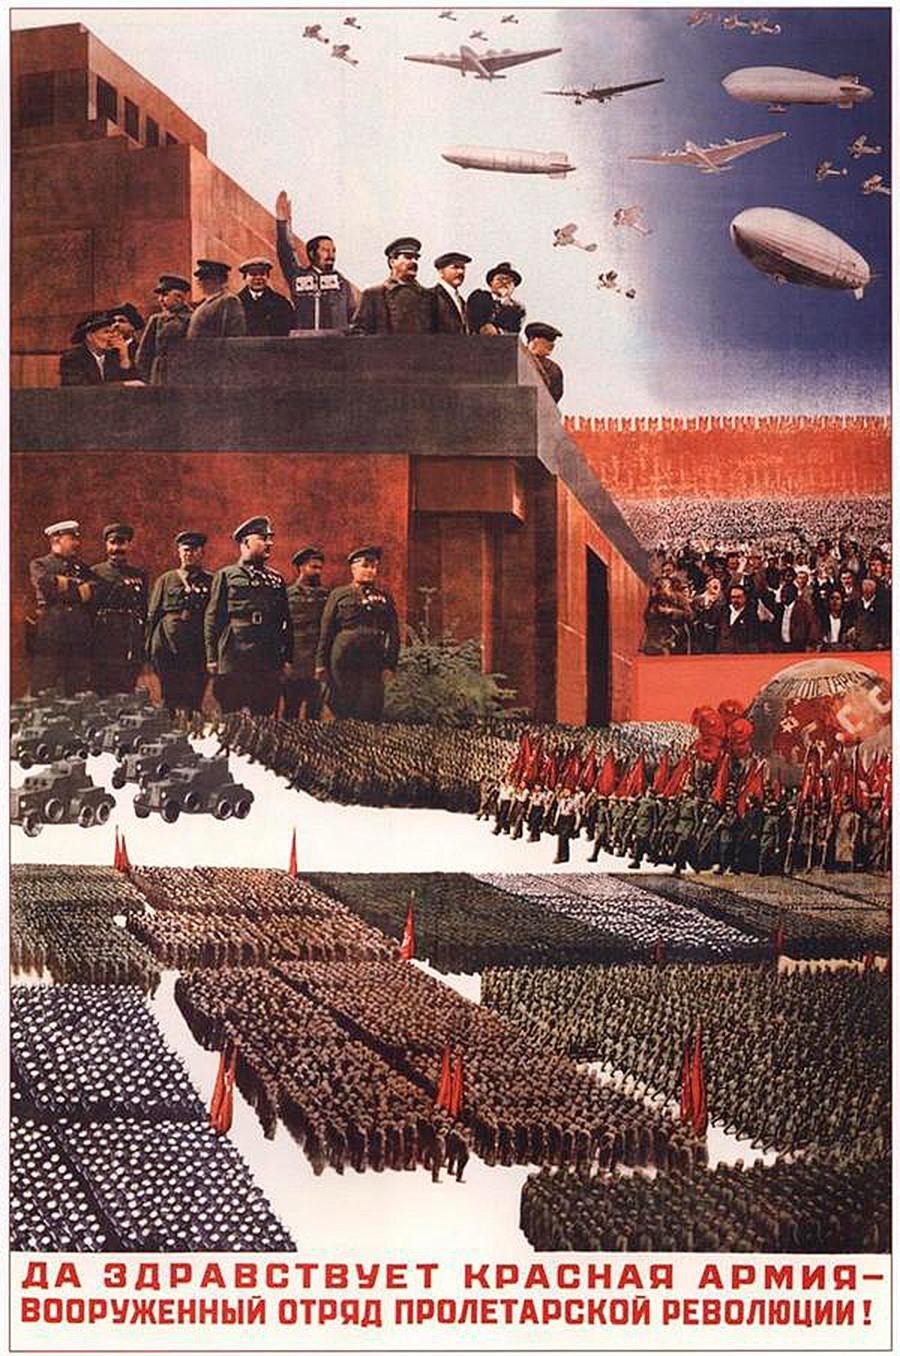 「プロレタリア革命の武装部隊、赤軍万歳!」